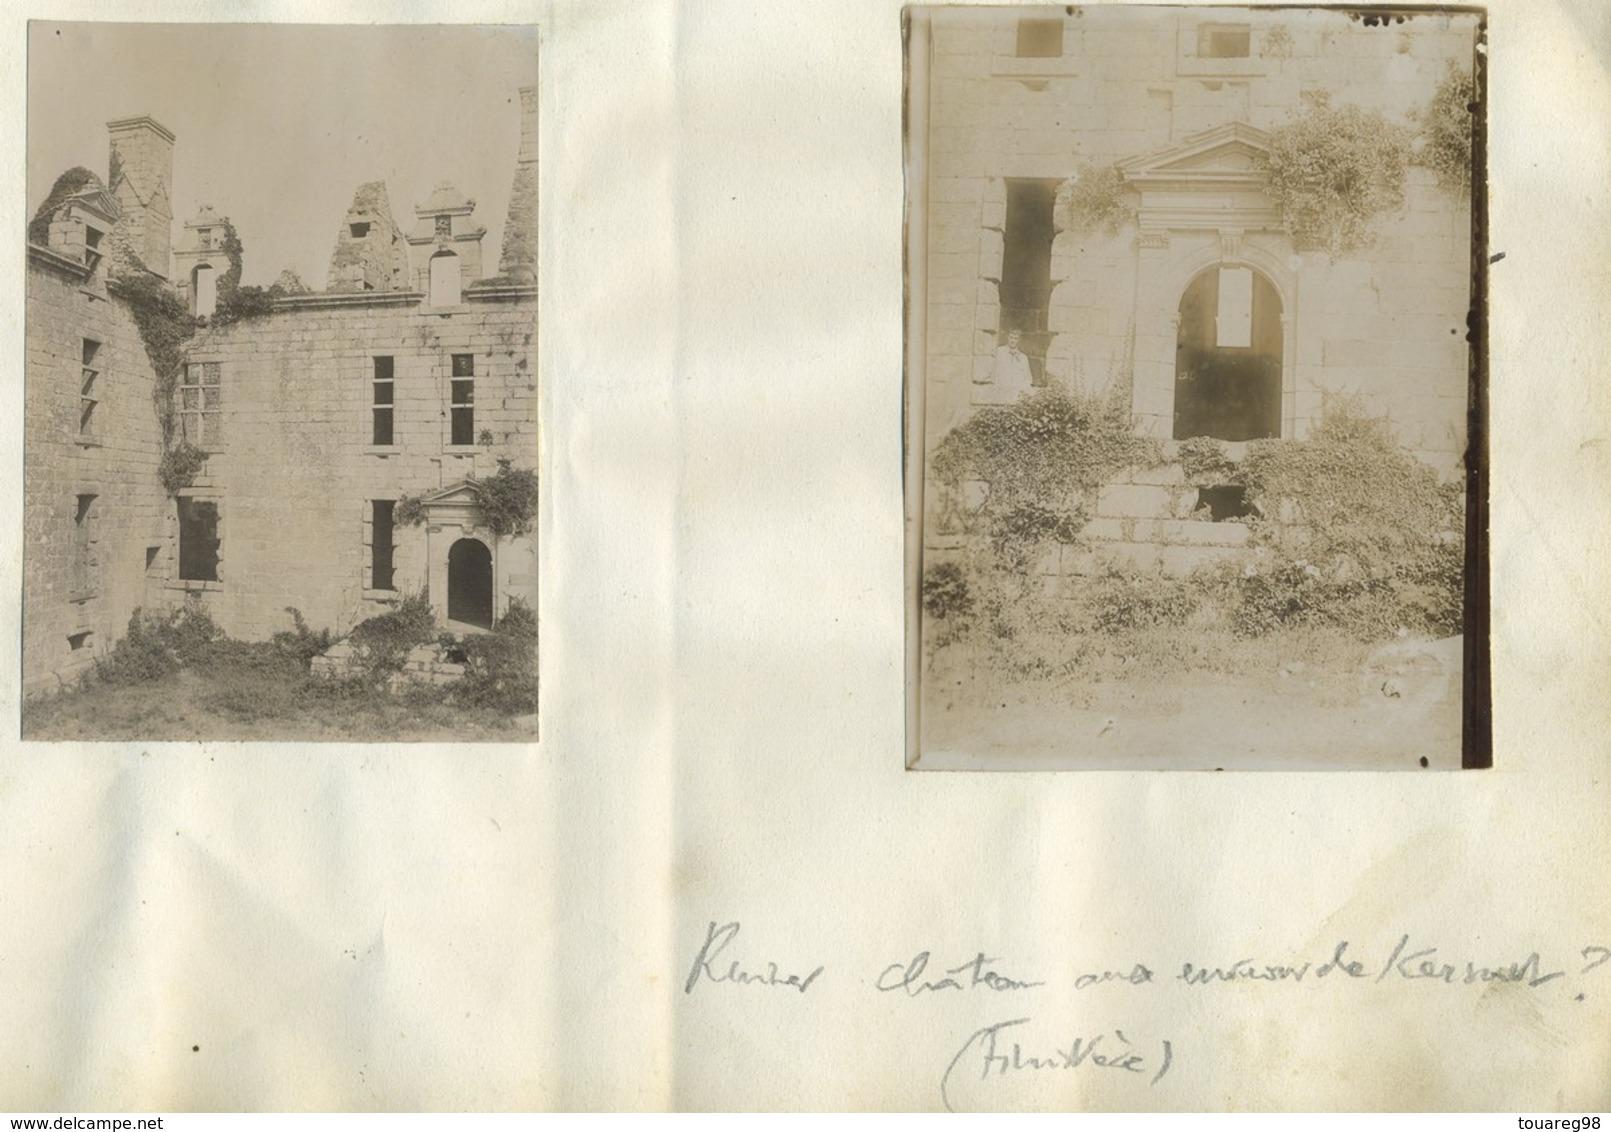 2 Photos. Ruines D'un Château Aux Environs De Kersaint-Plabennec. Finistère. Vers 1900. Bretagne. - Lieux